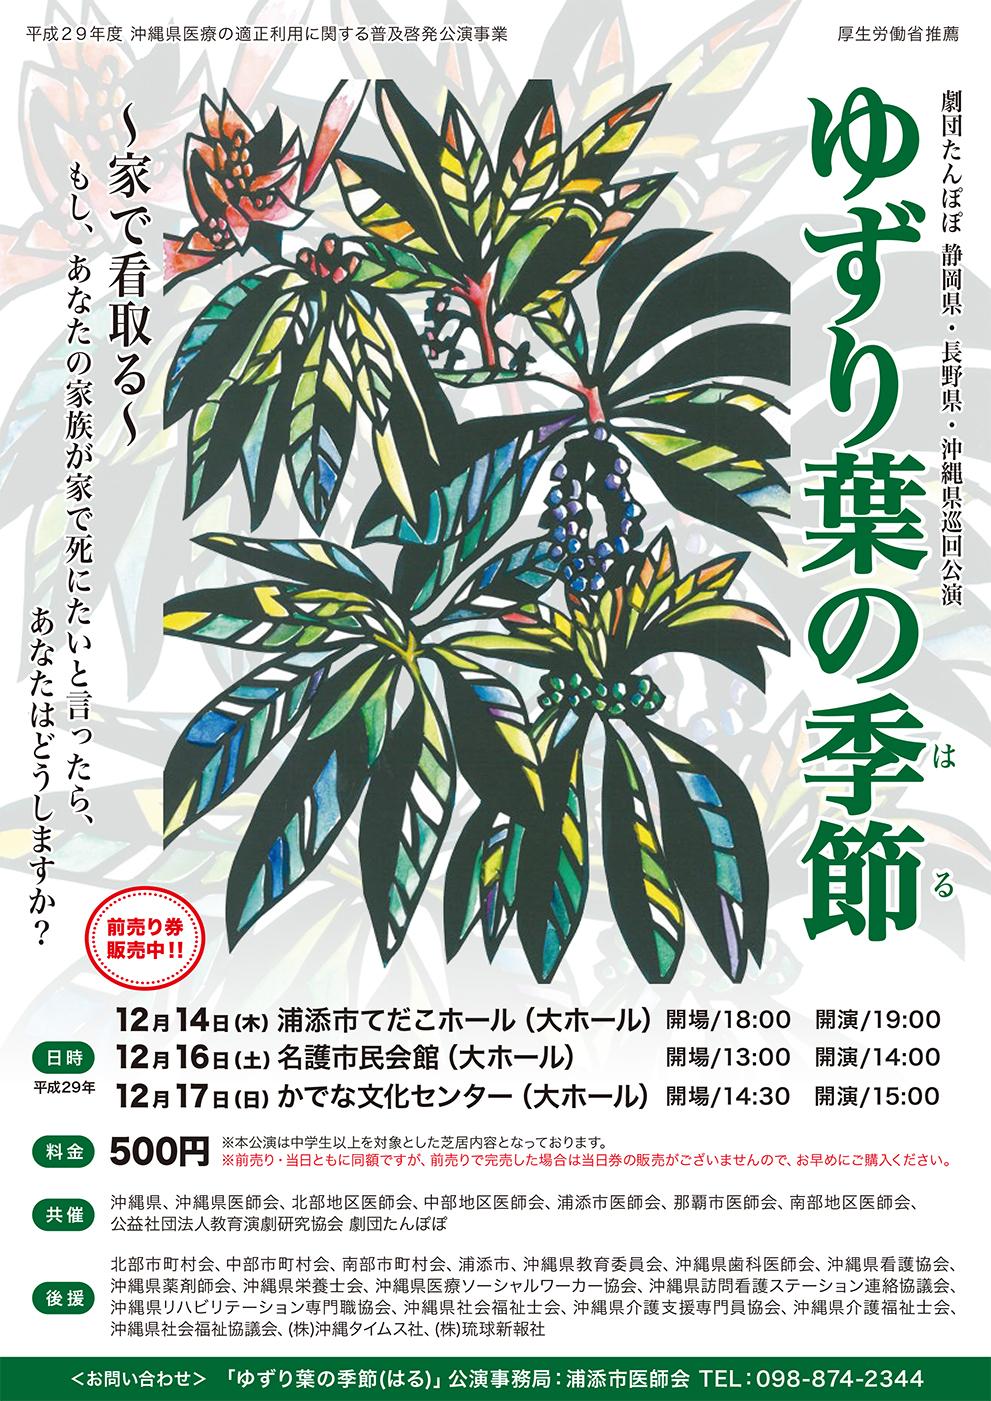 ゆずり葉の季節(はる) 〜 家で看取る 〜